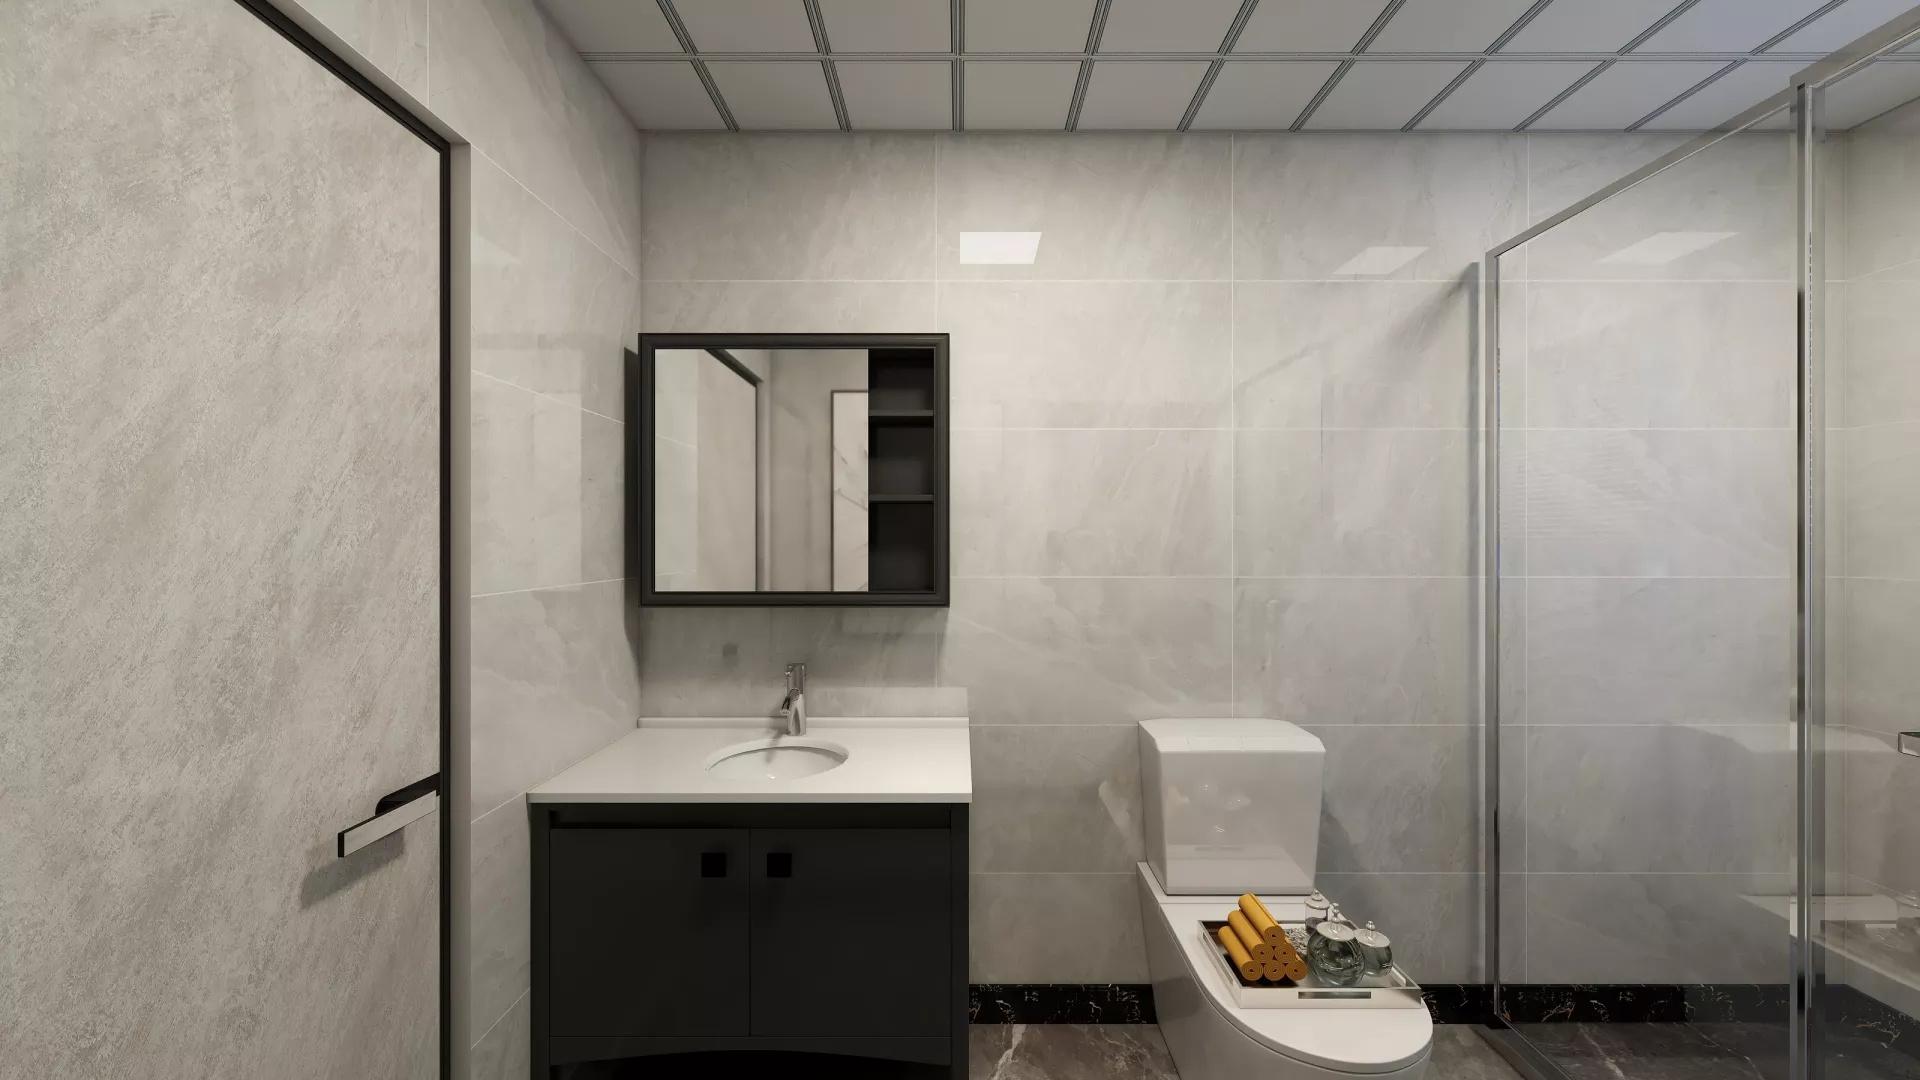 晶鋼板櫥柜門好安裝嗎 晶鋼板櫥柜門如何安裝